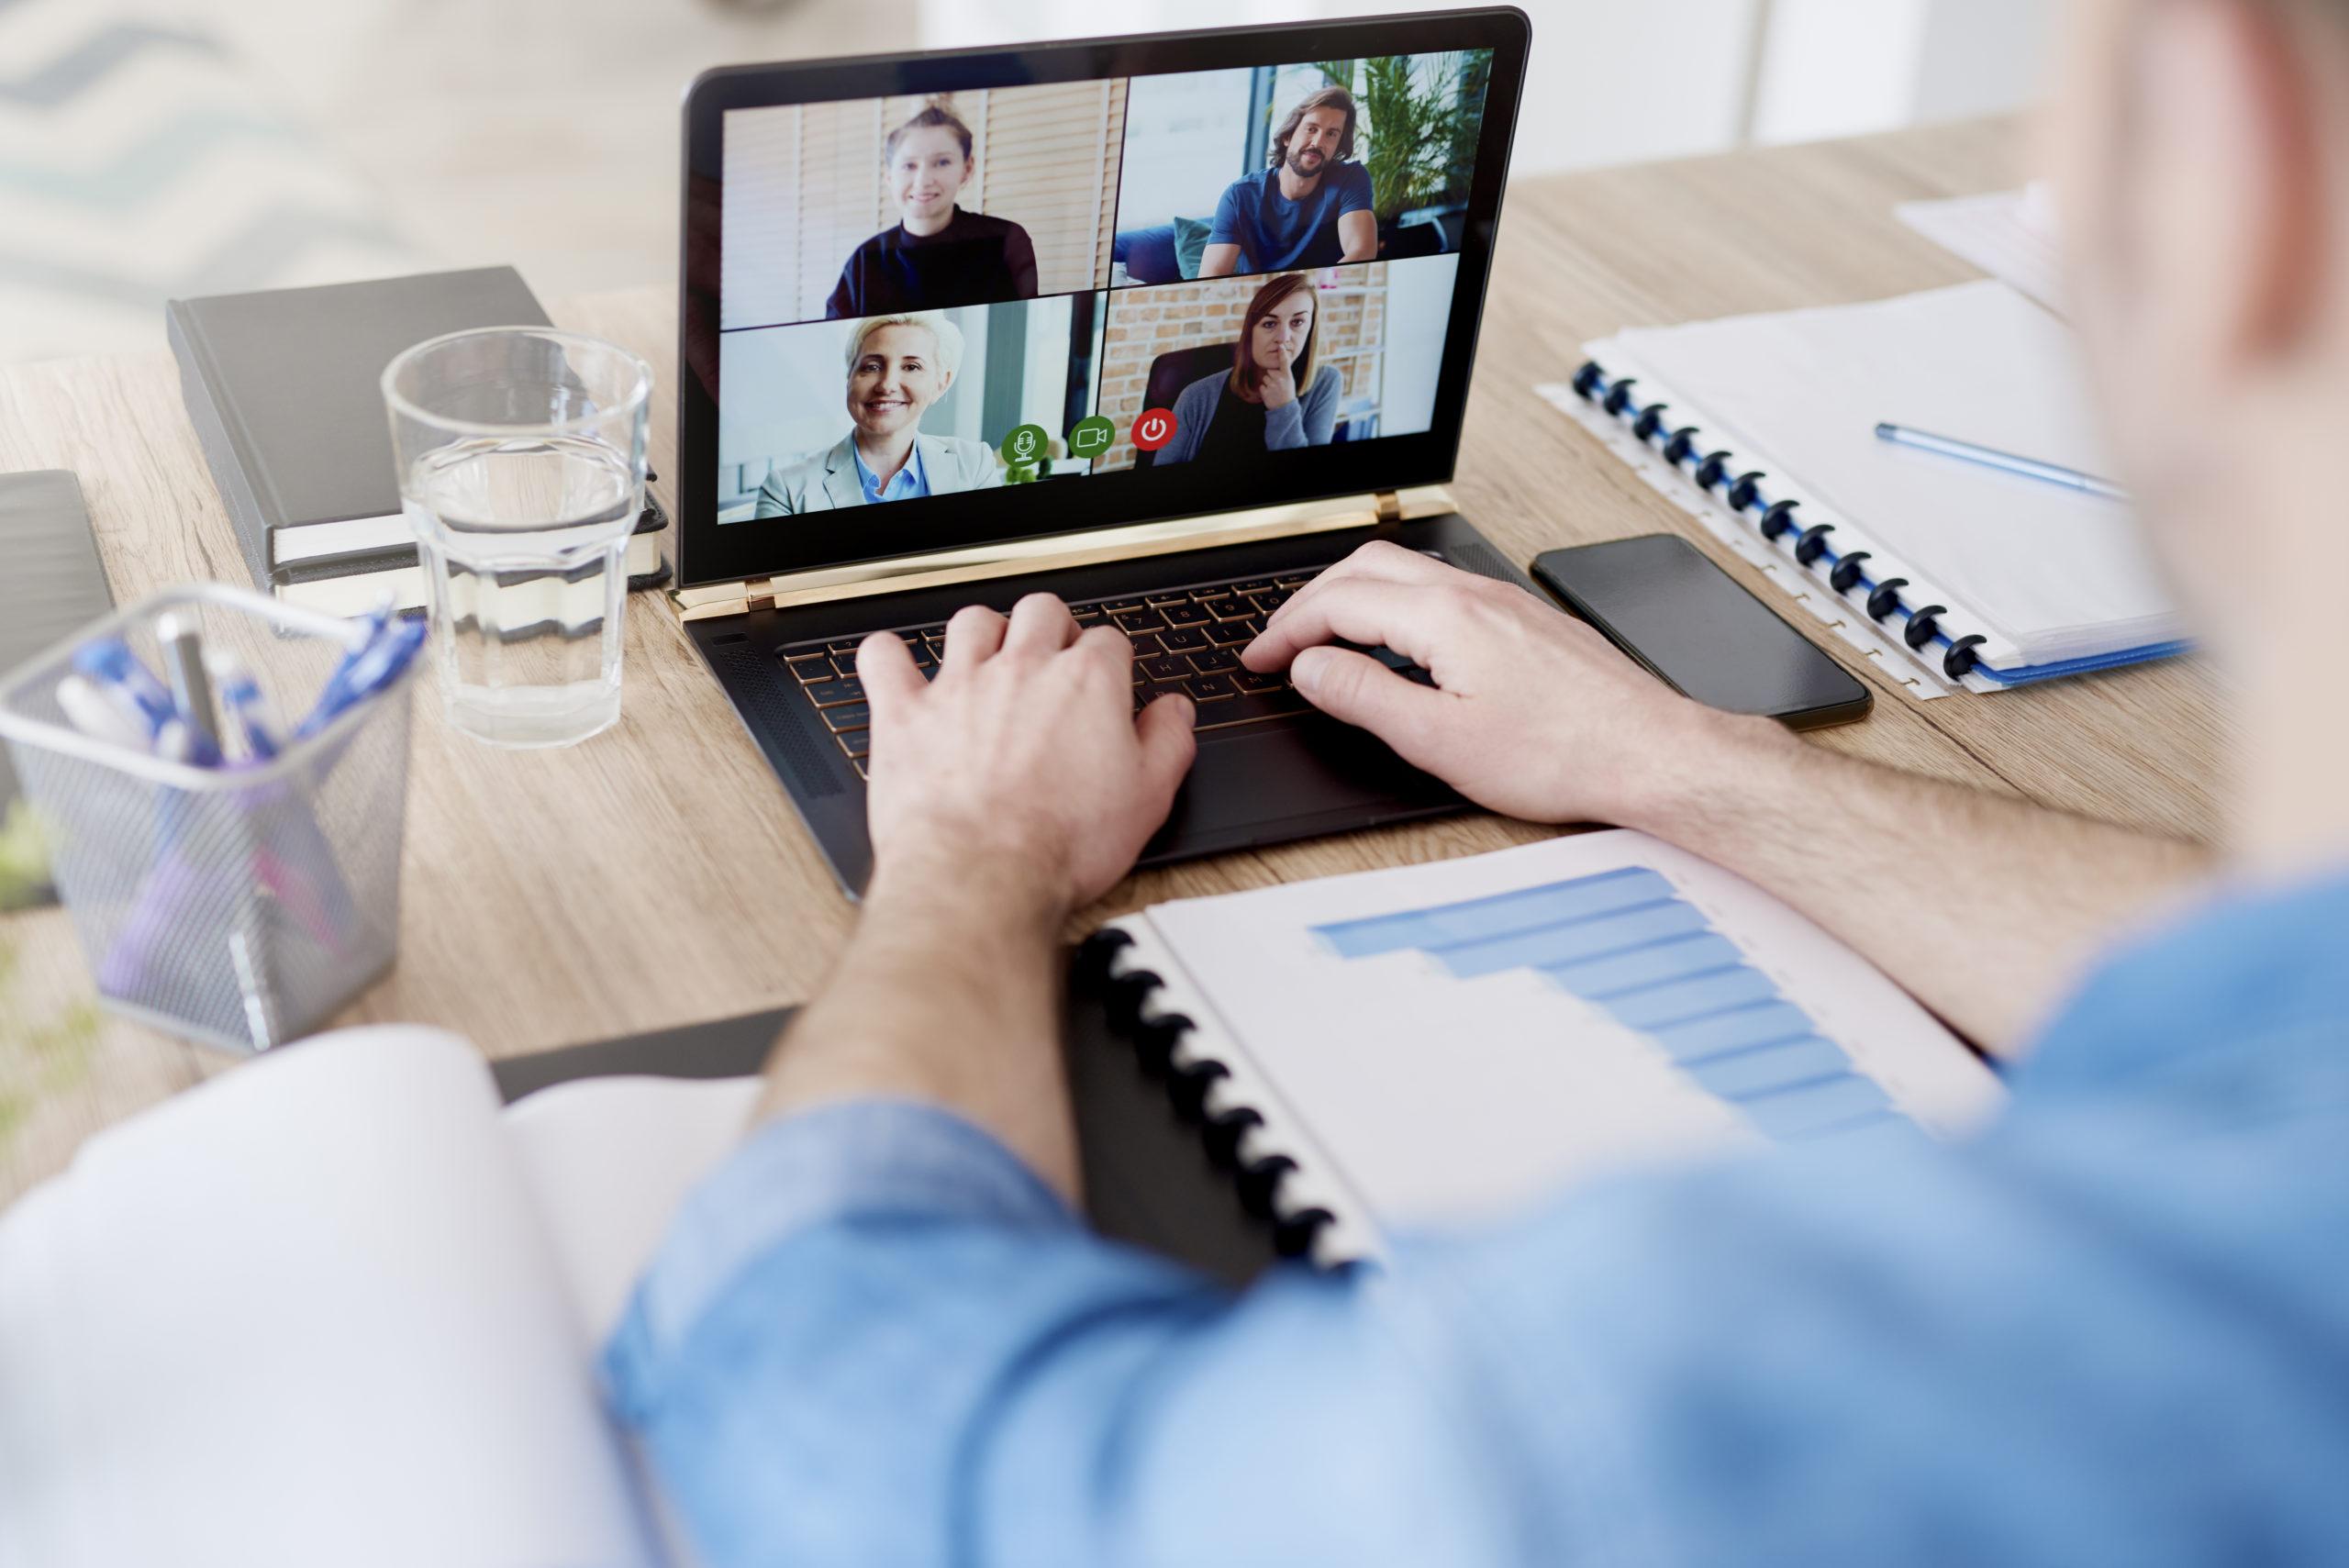 Covid-19 | Till Ledare och HR Inför Återgången till Arbetsplatsen | Så Tar Du Hand Om Teamet När Ni kommer Tillbaka till Kontoret